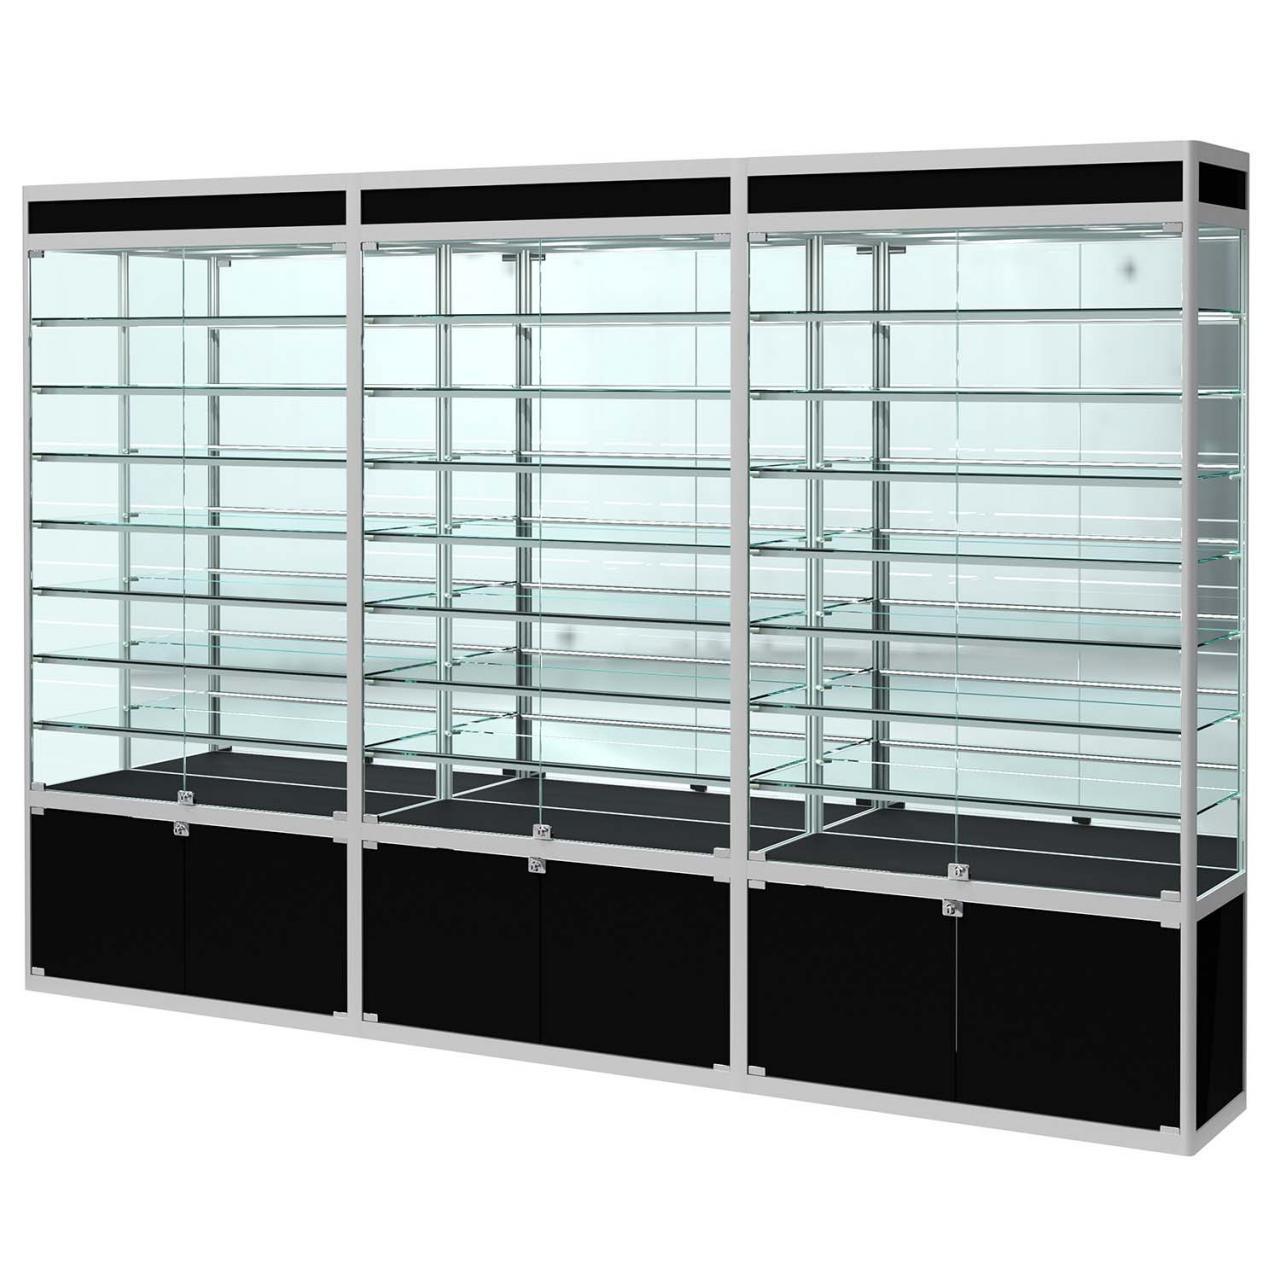 Табачная витрина ВПНД-300.40Т